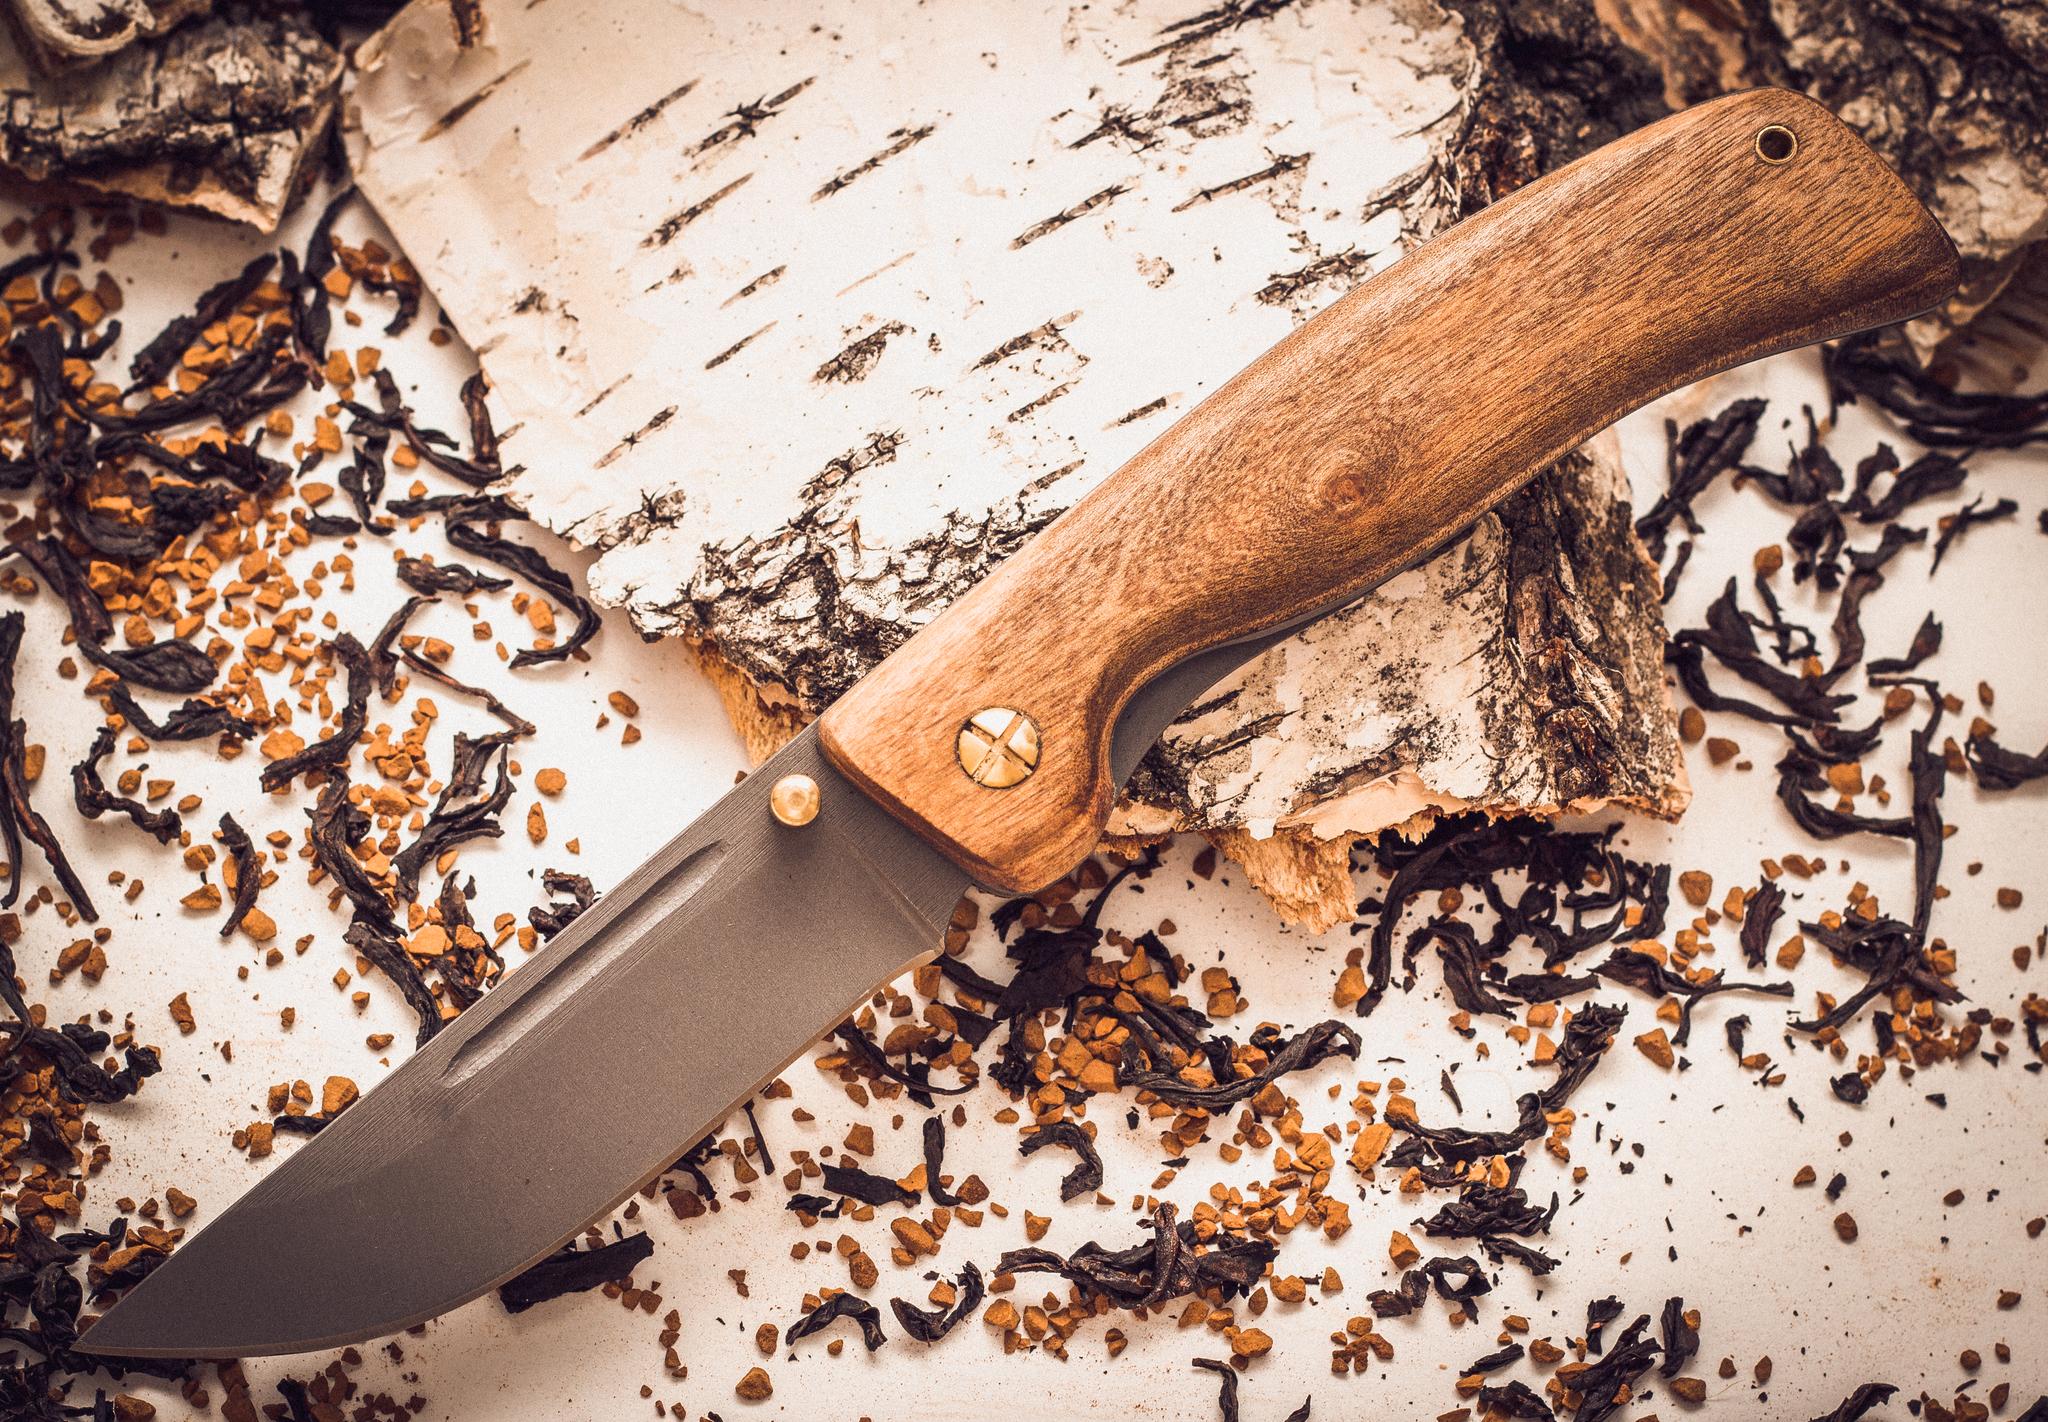 Складной нож Валдай, сталь 95х18, орехНожи Марычева<br>Нож «Валдай» это надежный карманный помощник, который может пригодиться тому, кто планирует отправиться в путешествие. Нож легок, компактен, оснащен удобными кожаными ножнами для переноски на поясе. Клинок ножа выполнен по аналогии с традиционными русскими ножами: прямой обушок, острый кончик и плавный изгиб лезвия. Такая форма клинка позволяет в процессе работы последовательно использовать всю поверхность режущей кромки и резать под нужным углом полностью контролируя передаваемое усилие. Практичная рукоять выполнена из стабилизированного ореха. Форма рукояти обеспечивает надежное удержание ножа в руке при любой температуре воздуха.<br>